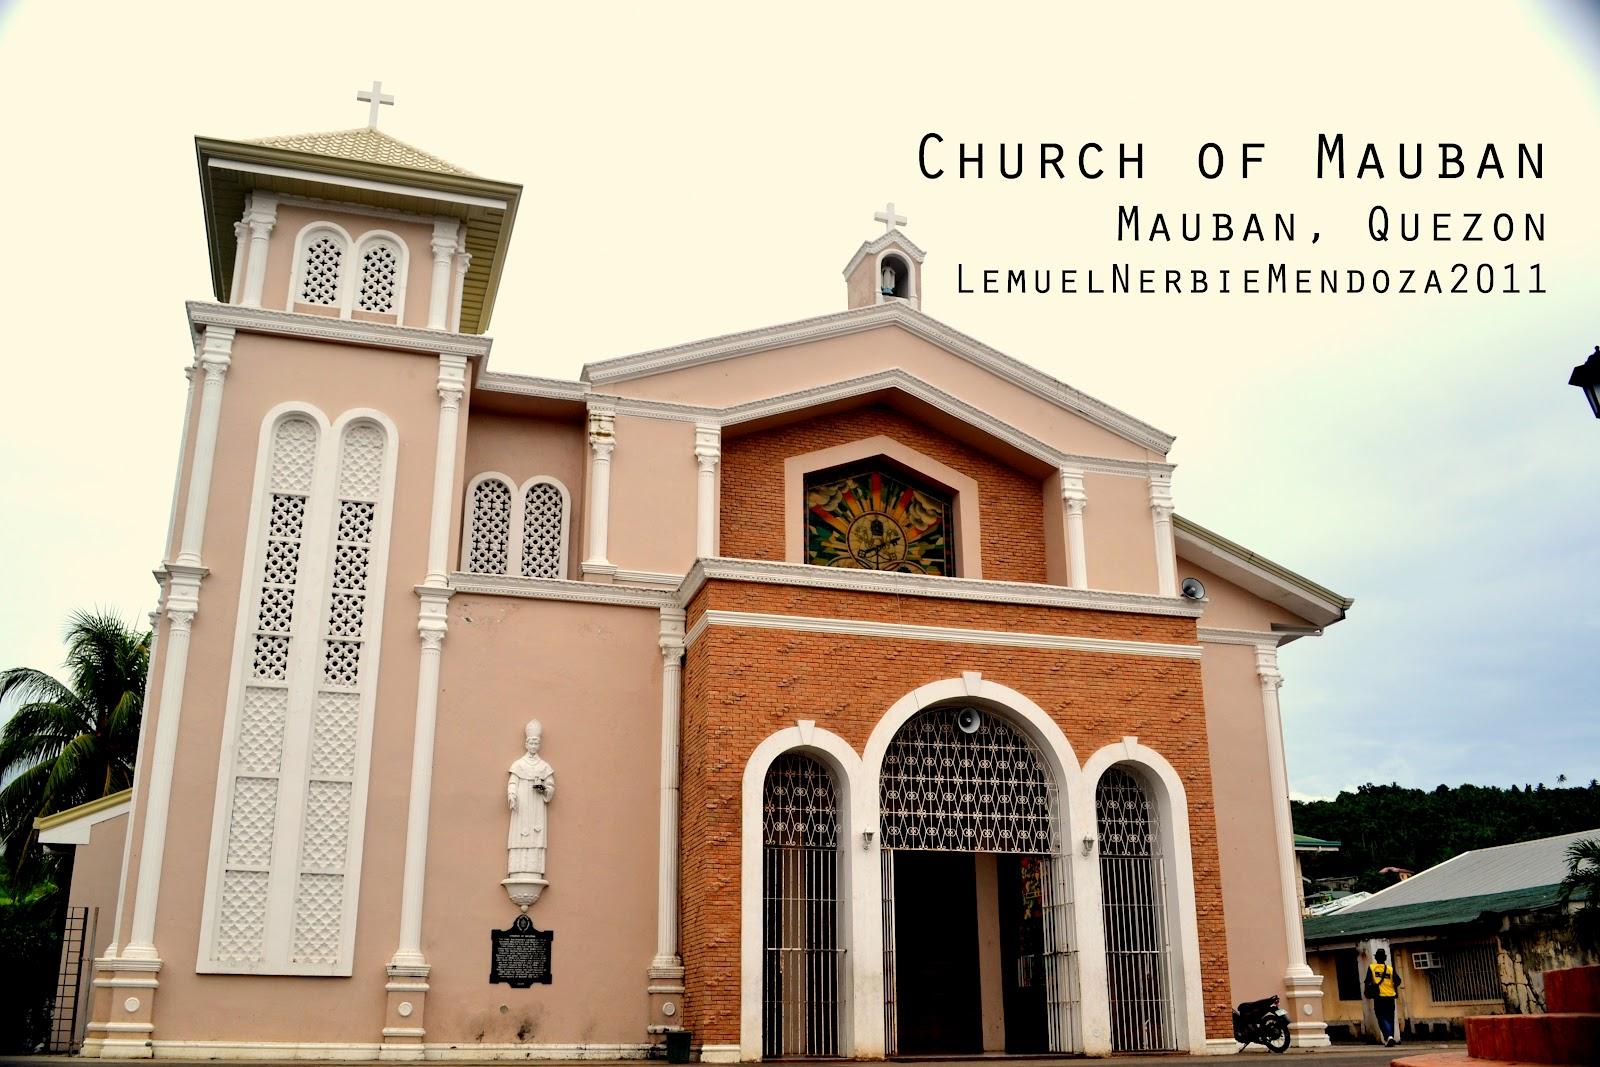 Mauban Philippines  city photos : Iglesias de las Filipinas: MAUBAN, Quezon: Church of Mauban